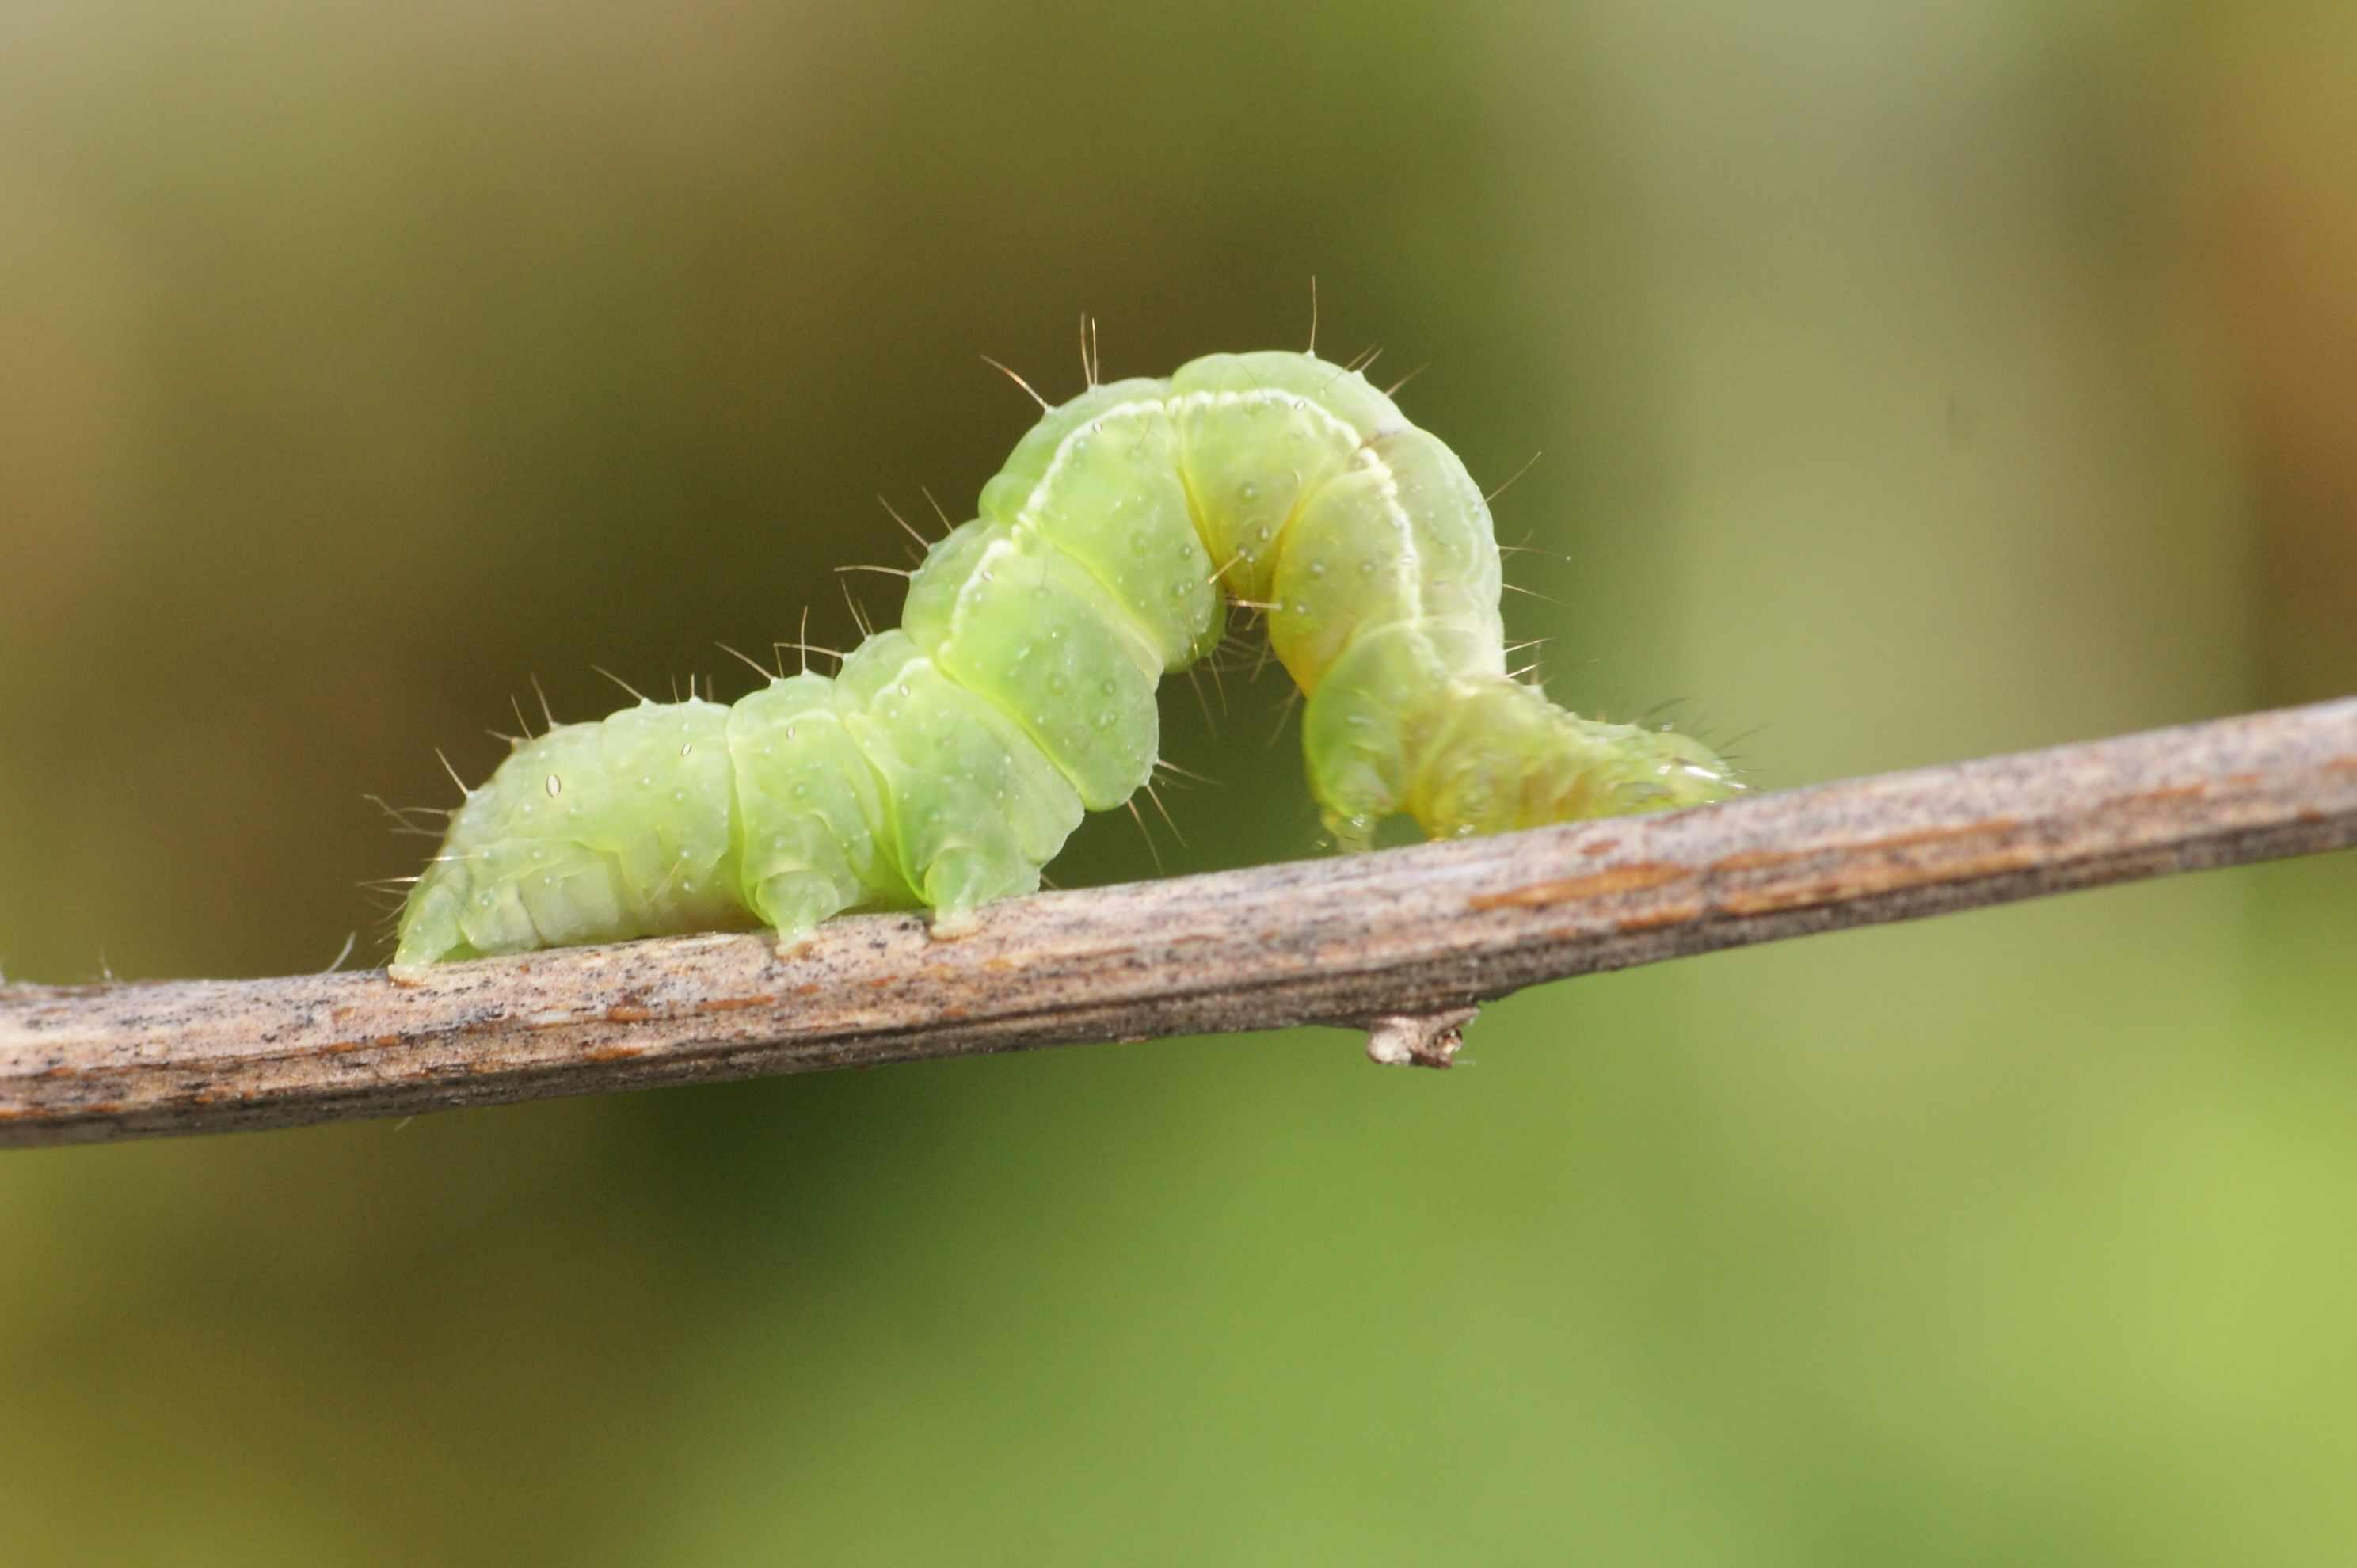 Le lambda ou le gamma quel est cet animal - Chenille verte et noire ...